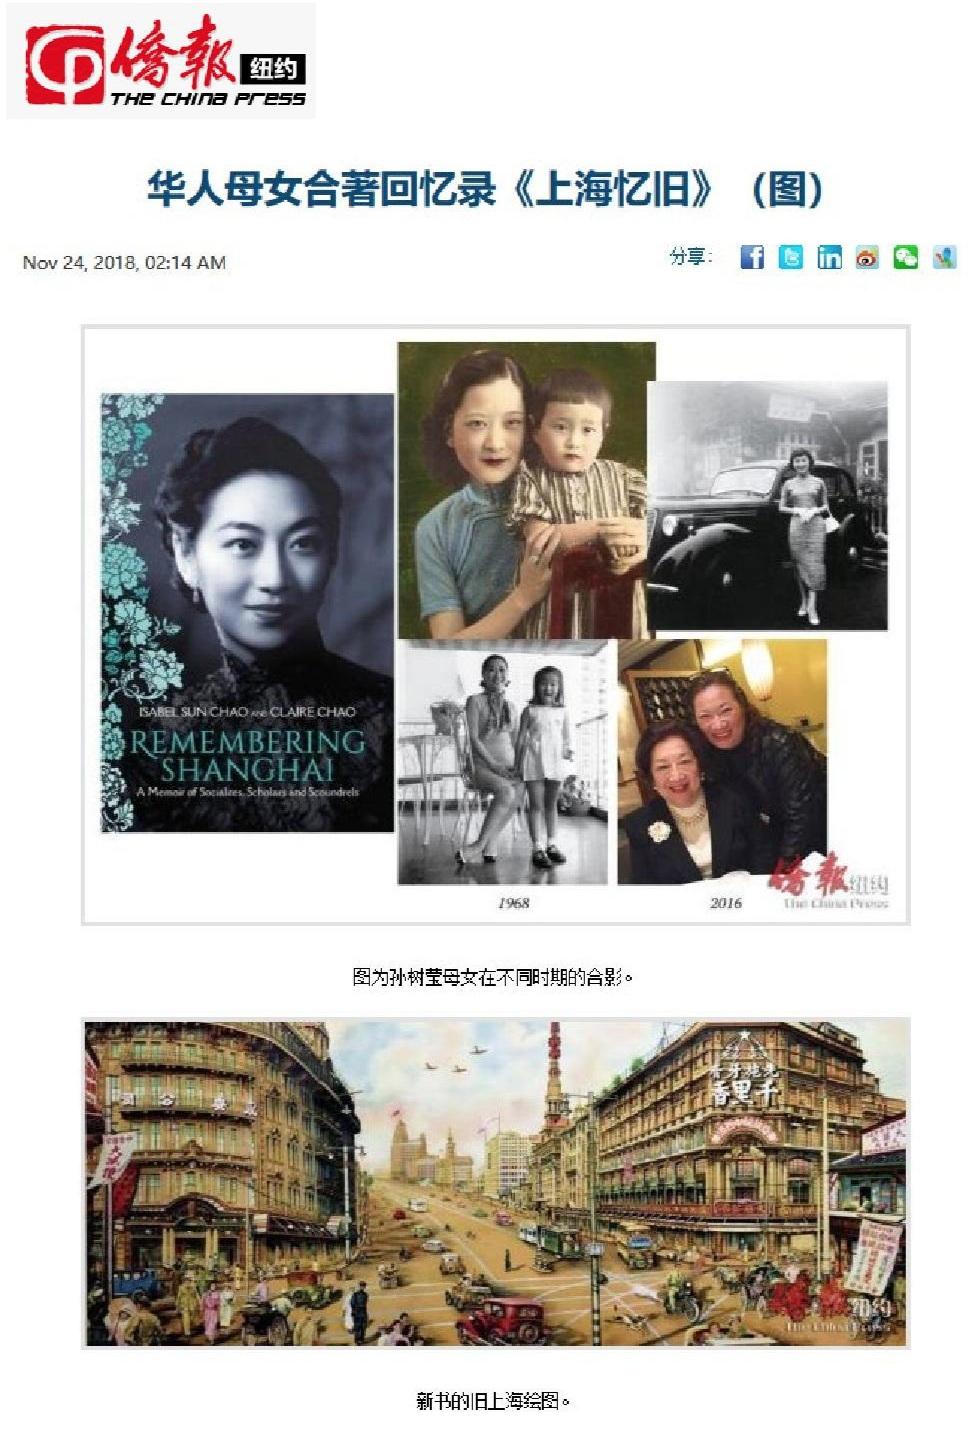 The China Press,  November 2018